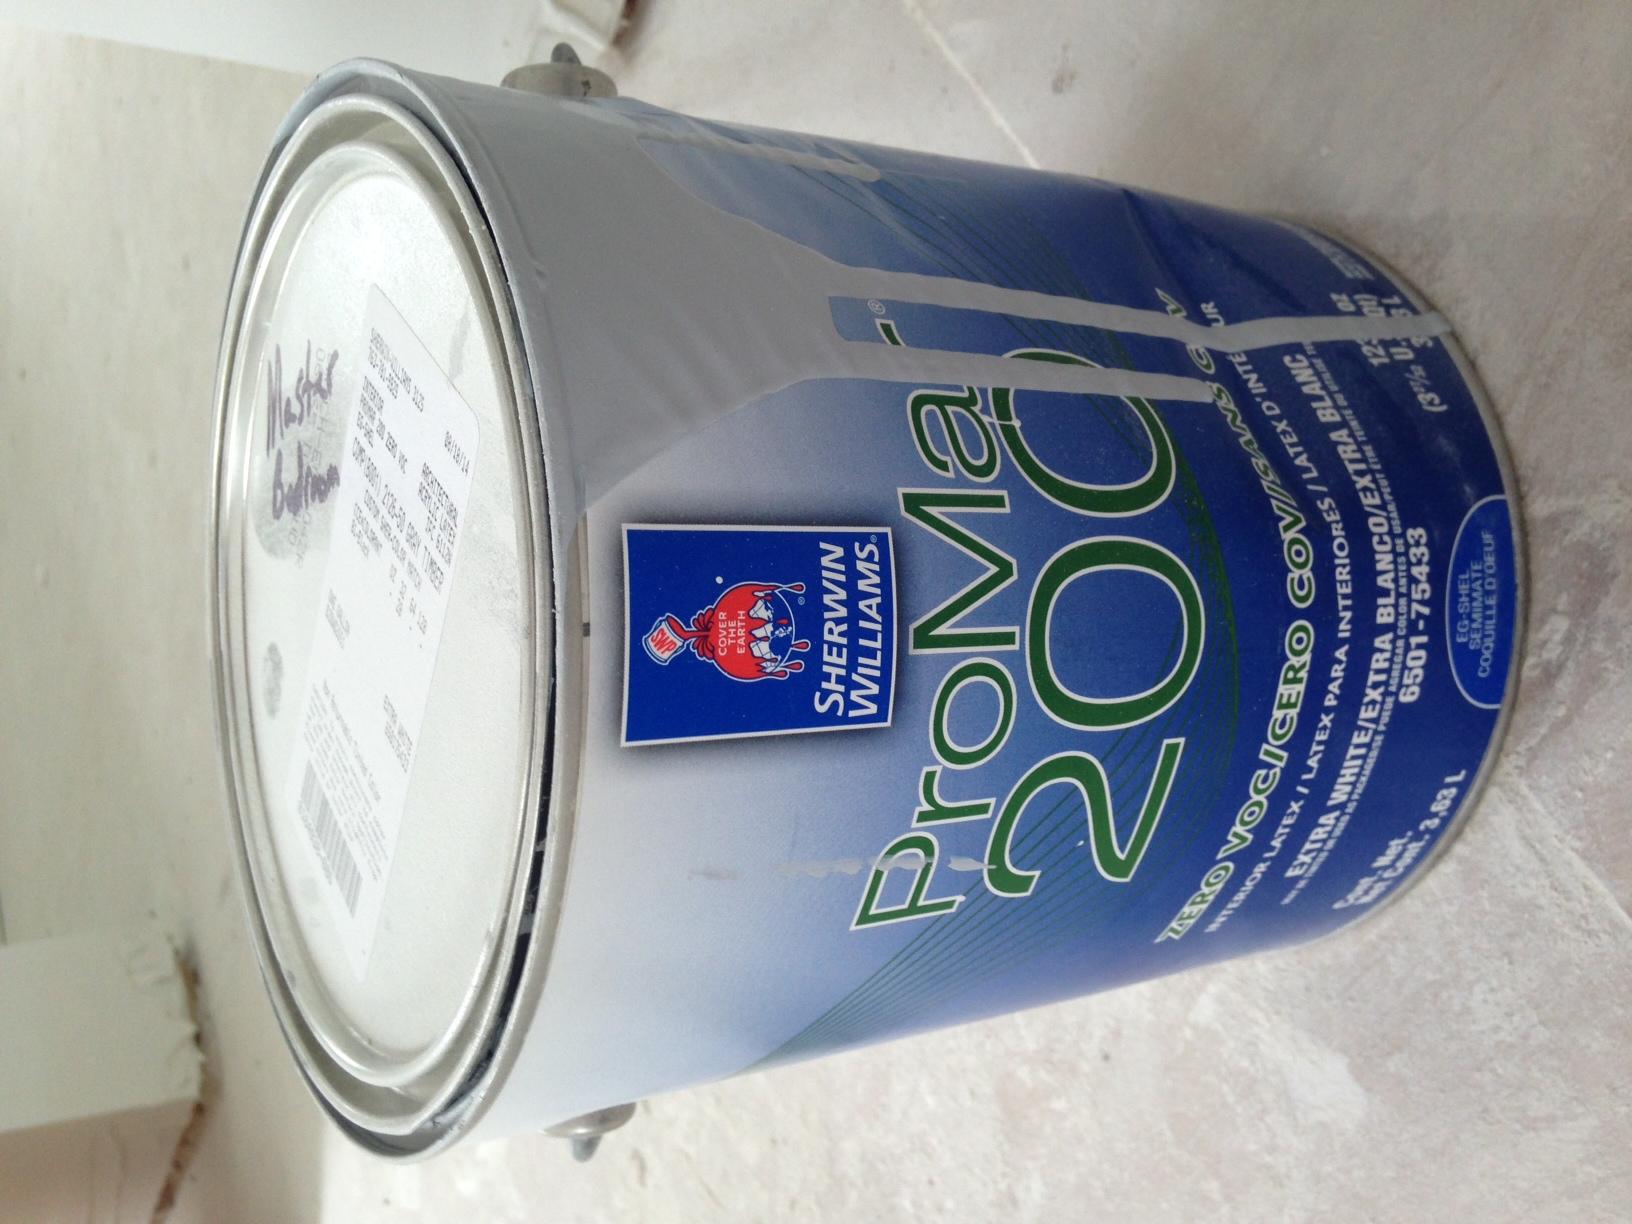 Zero VOC paint